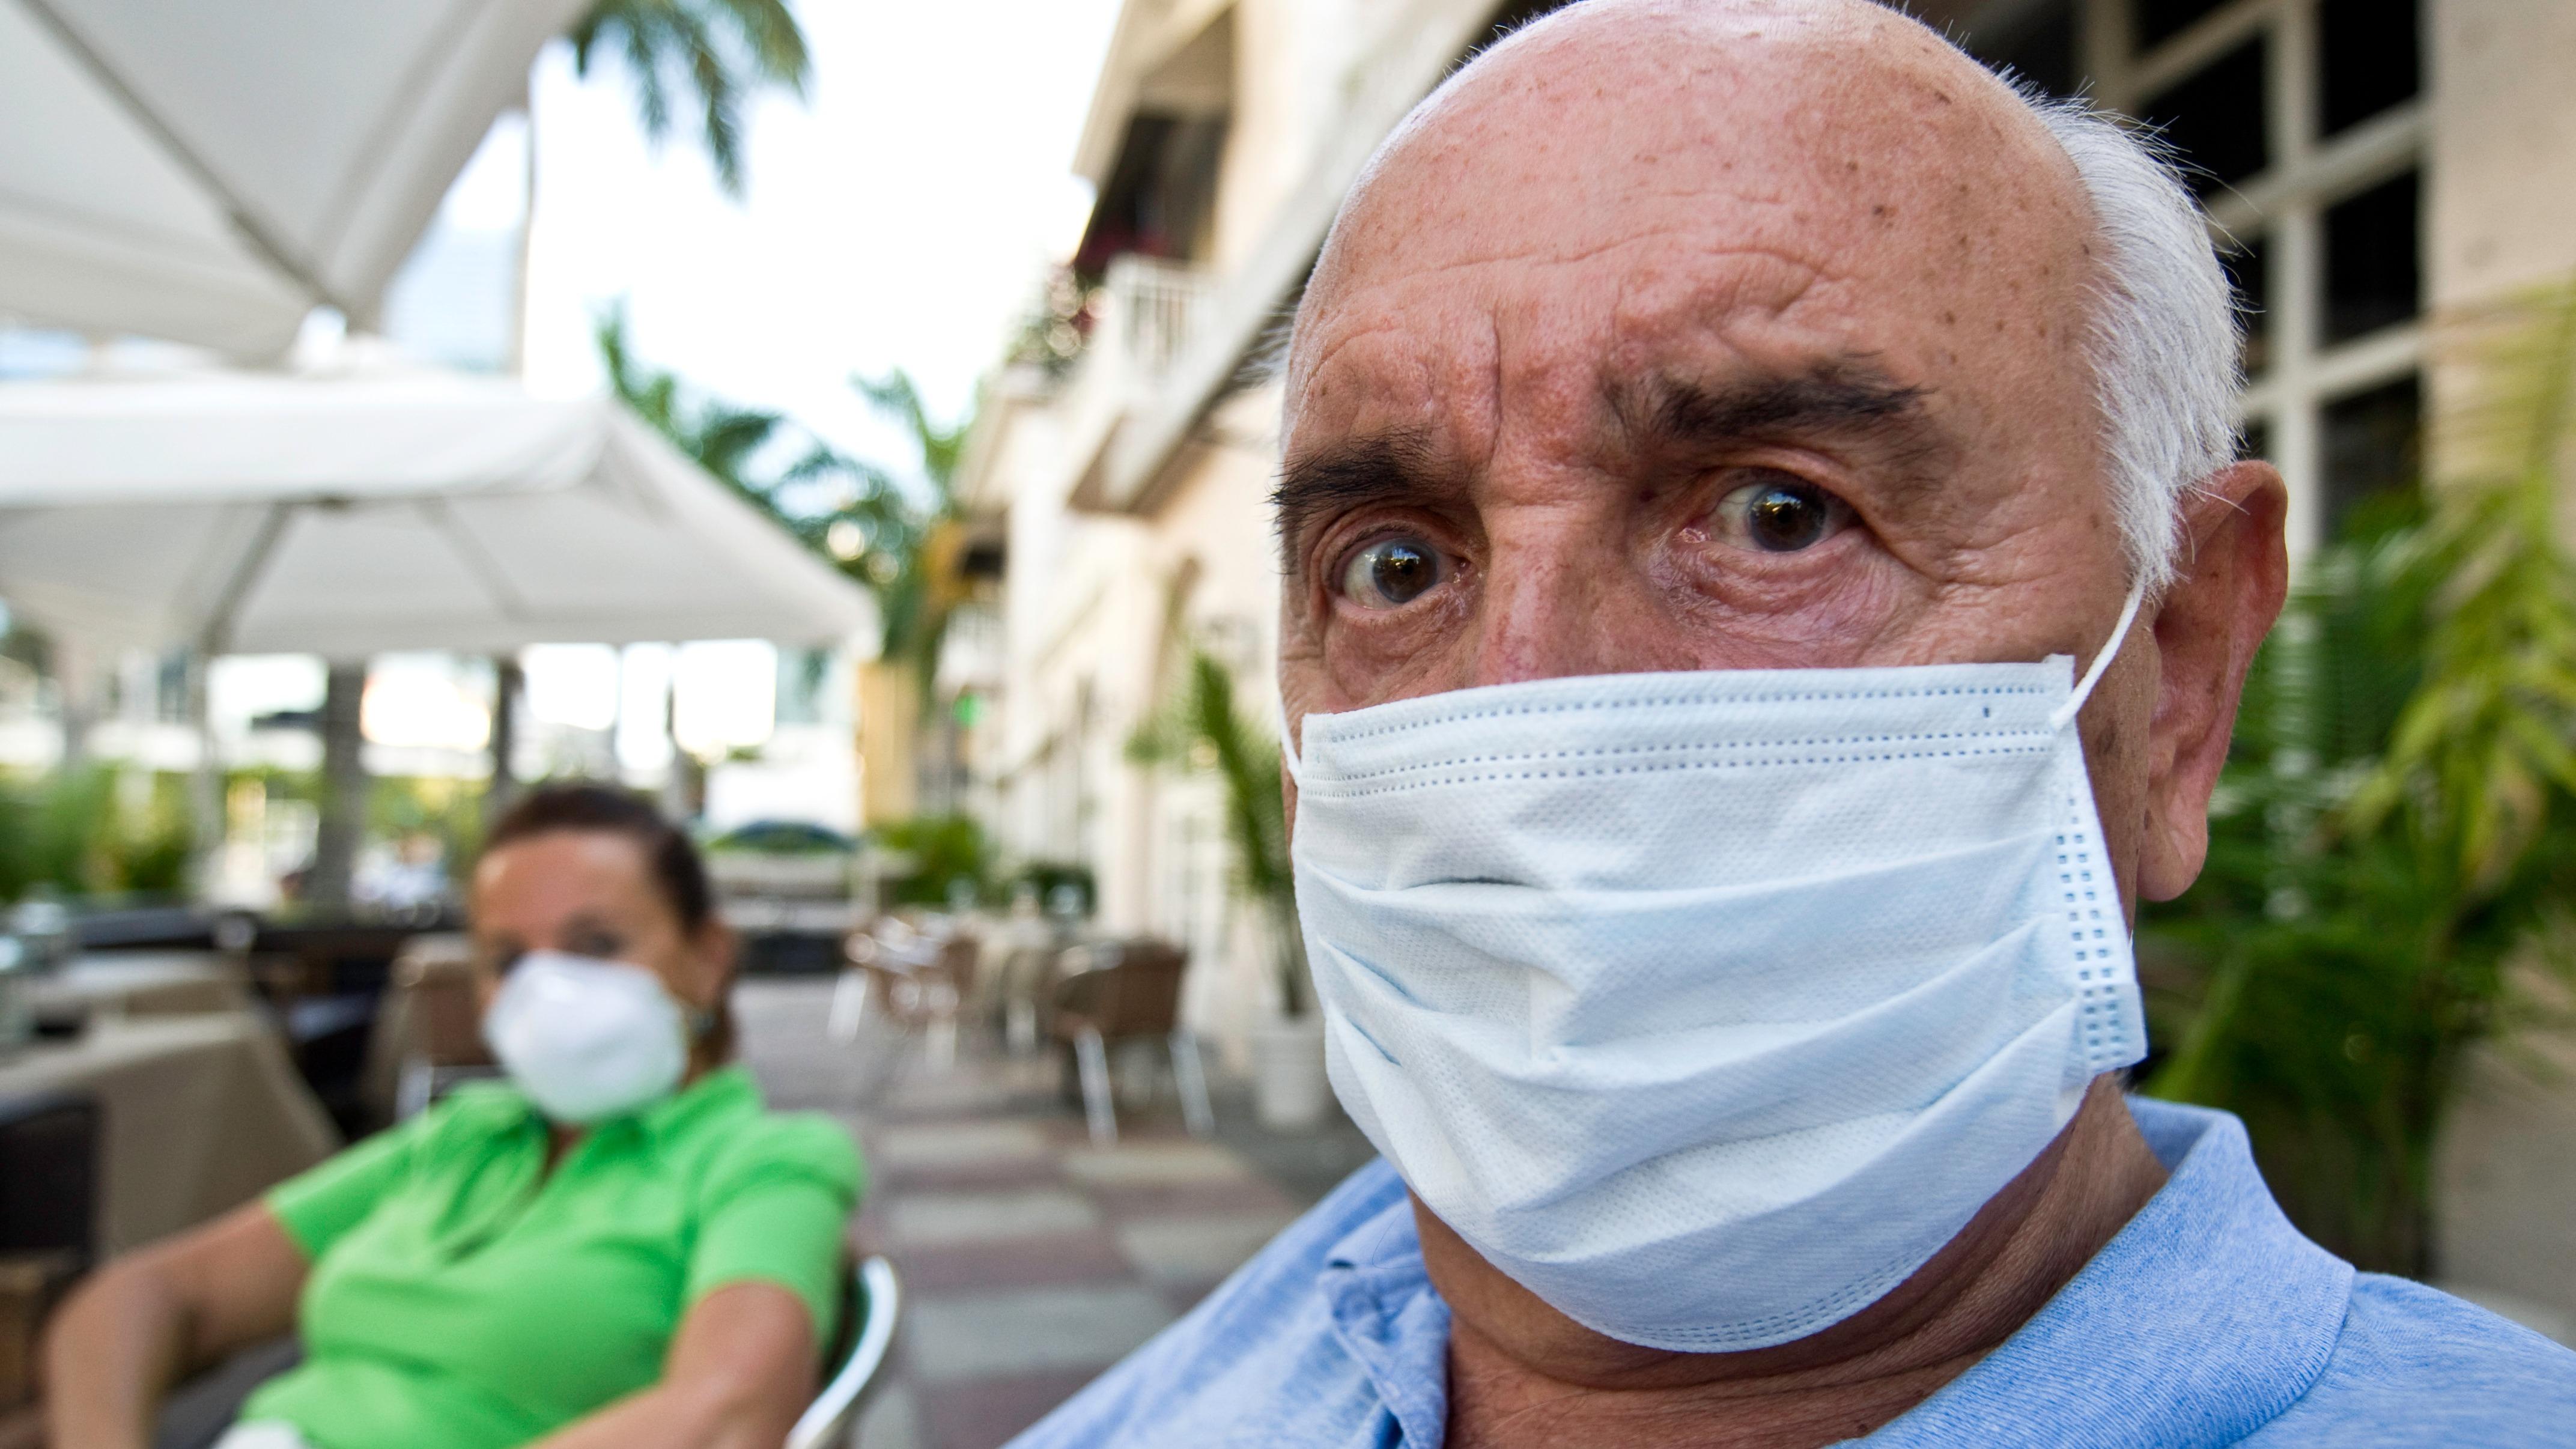 Así lo confirma un estudio de la Universidad de Harvard en Boston que explica que las partículas contaminantes aumentan la mortalidad de personas de más de 70 años.